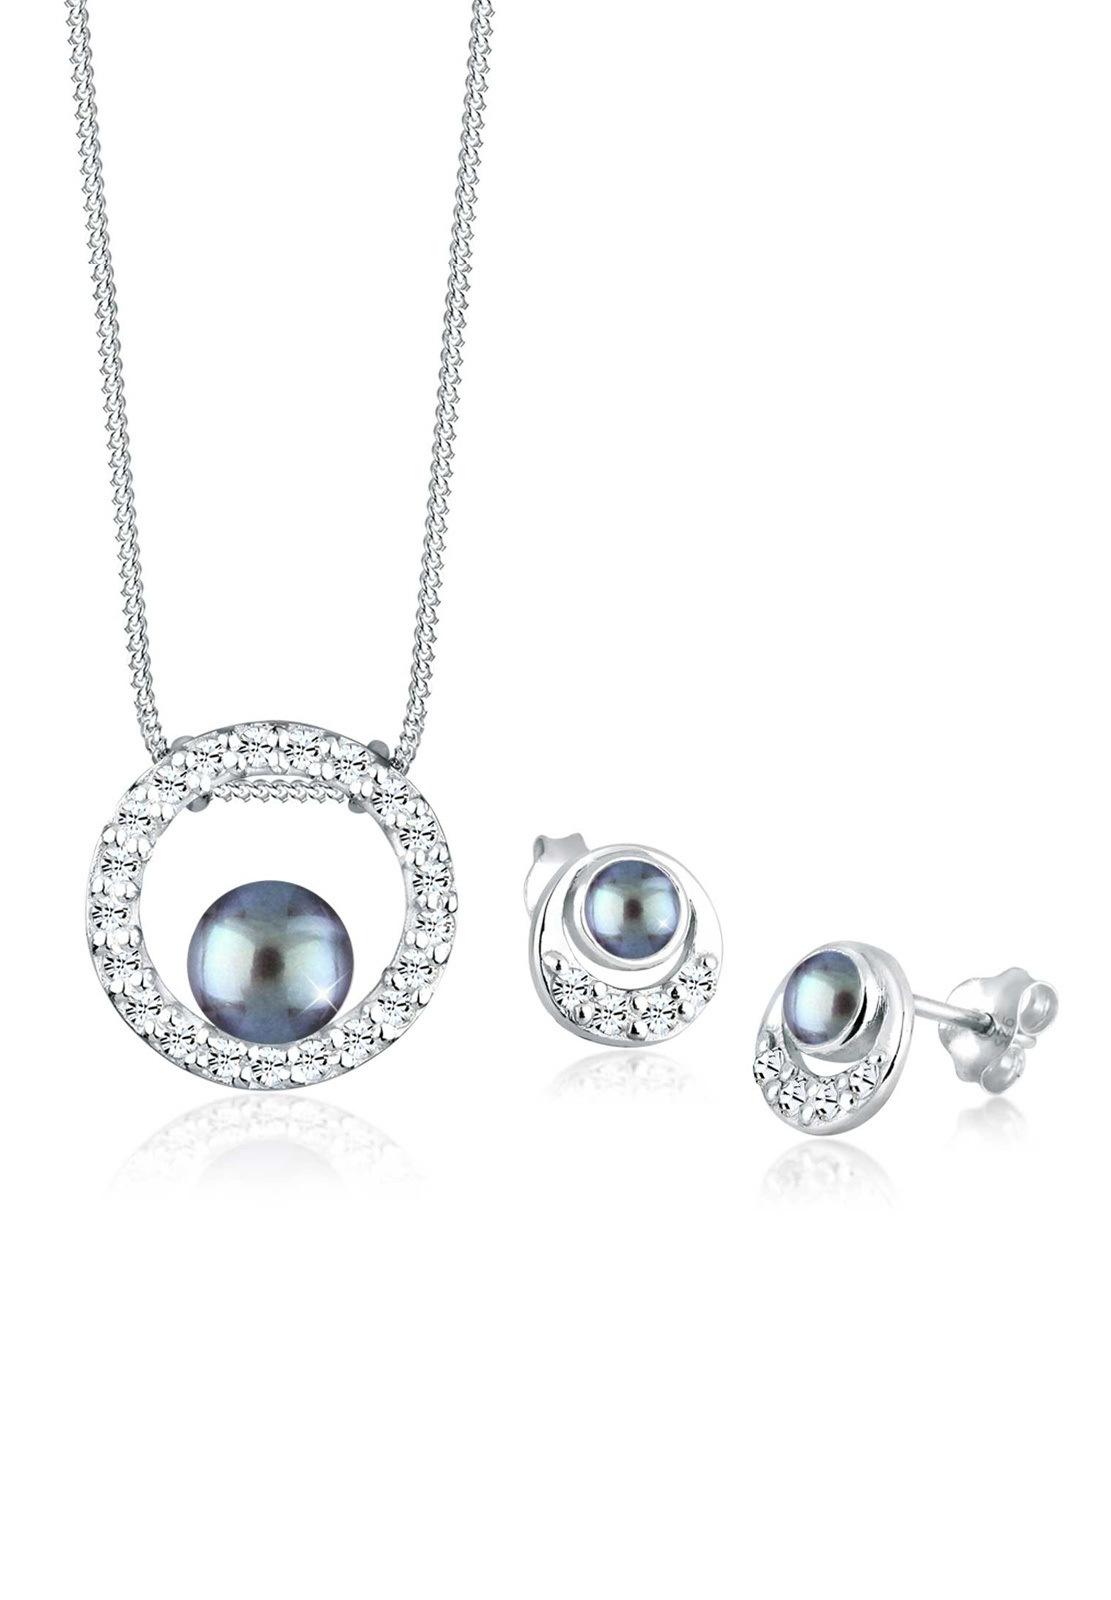 PERLU Schmuckset Perle Swarovski Kristalle 925 Silber | Schmuck > Schmucksets | Grau | Perlu